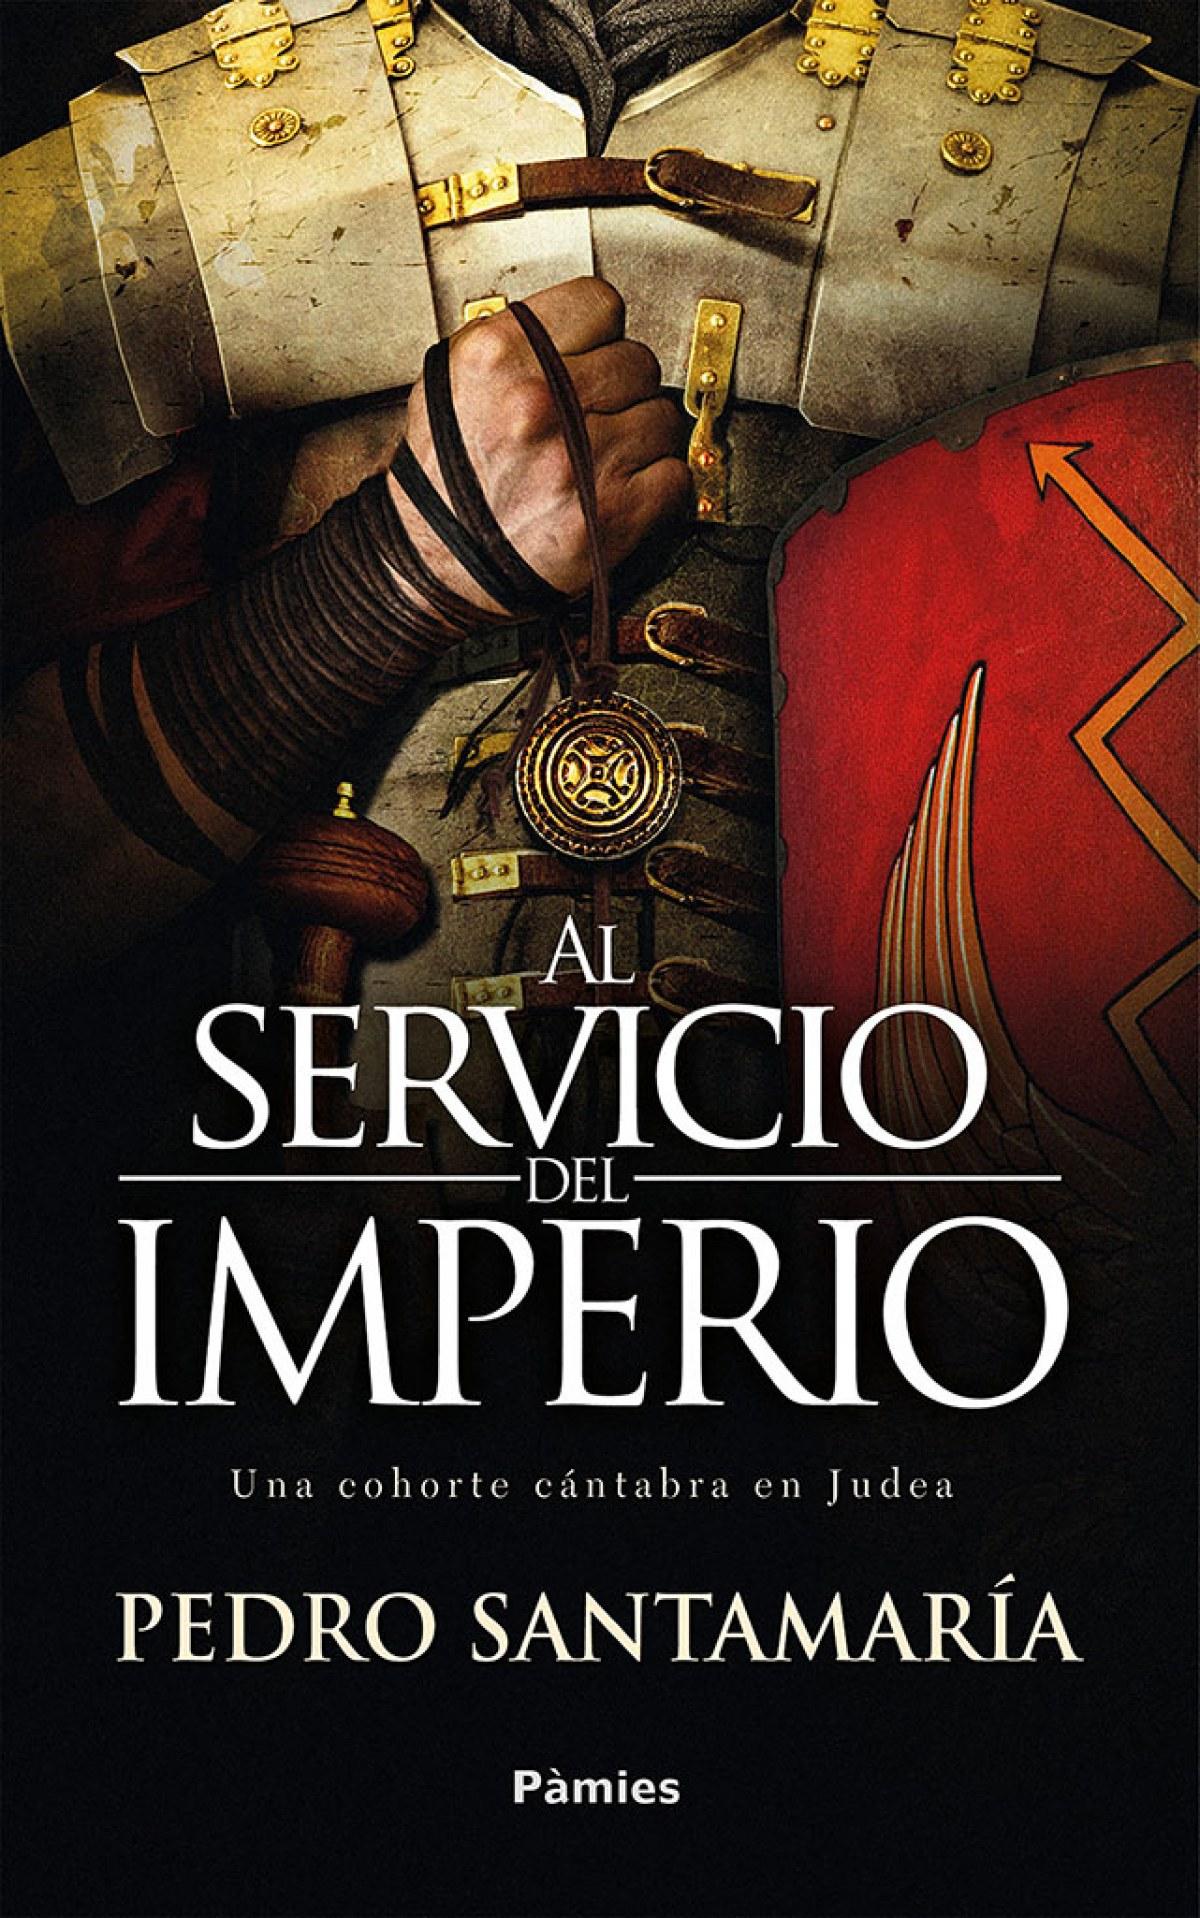 AL SERVICIO DEL IMPERIO 9788416970773